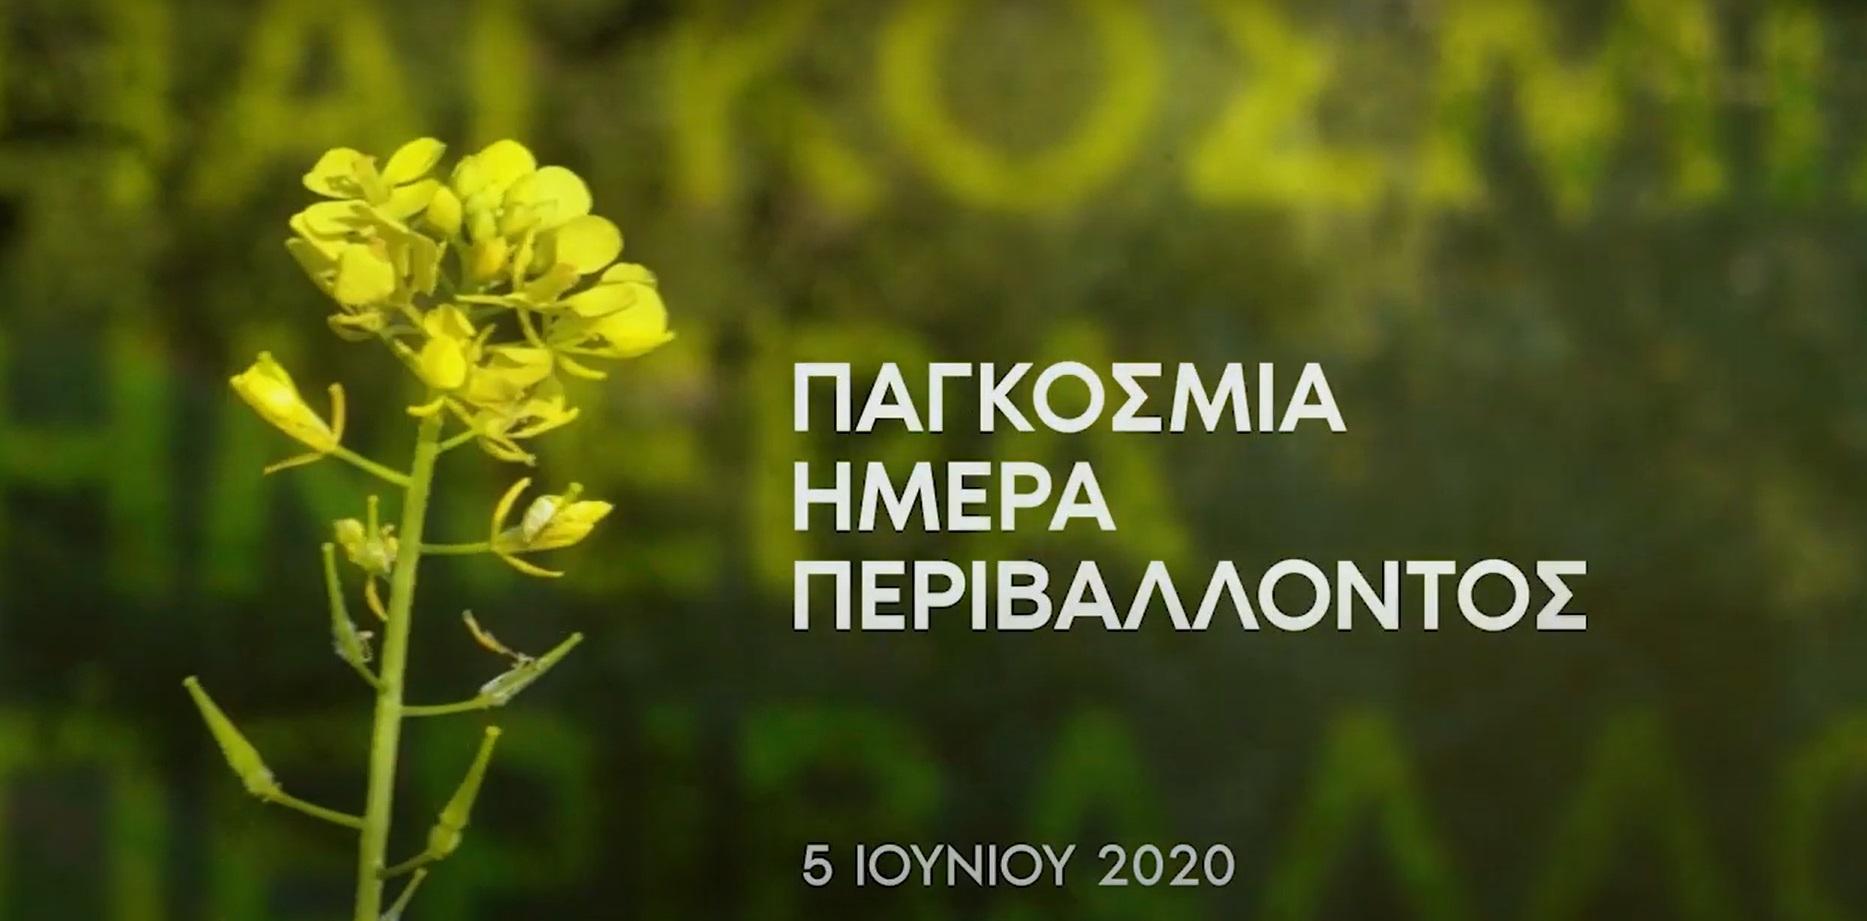 ΥΠΕΝ: Παγκόσμια Ημέρα Περιβάλλοντος – «Για το περιβάλλον μιλάμε με έργα» (vid)